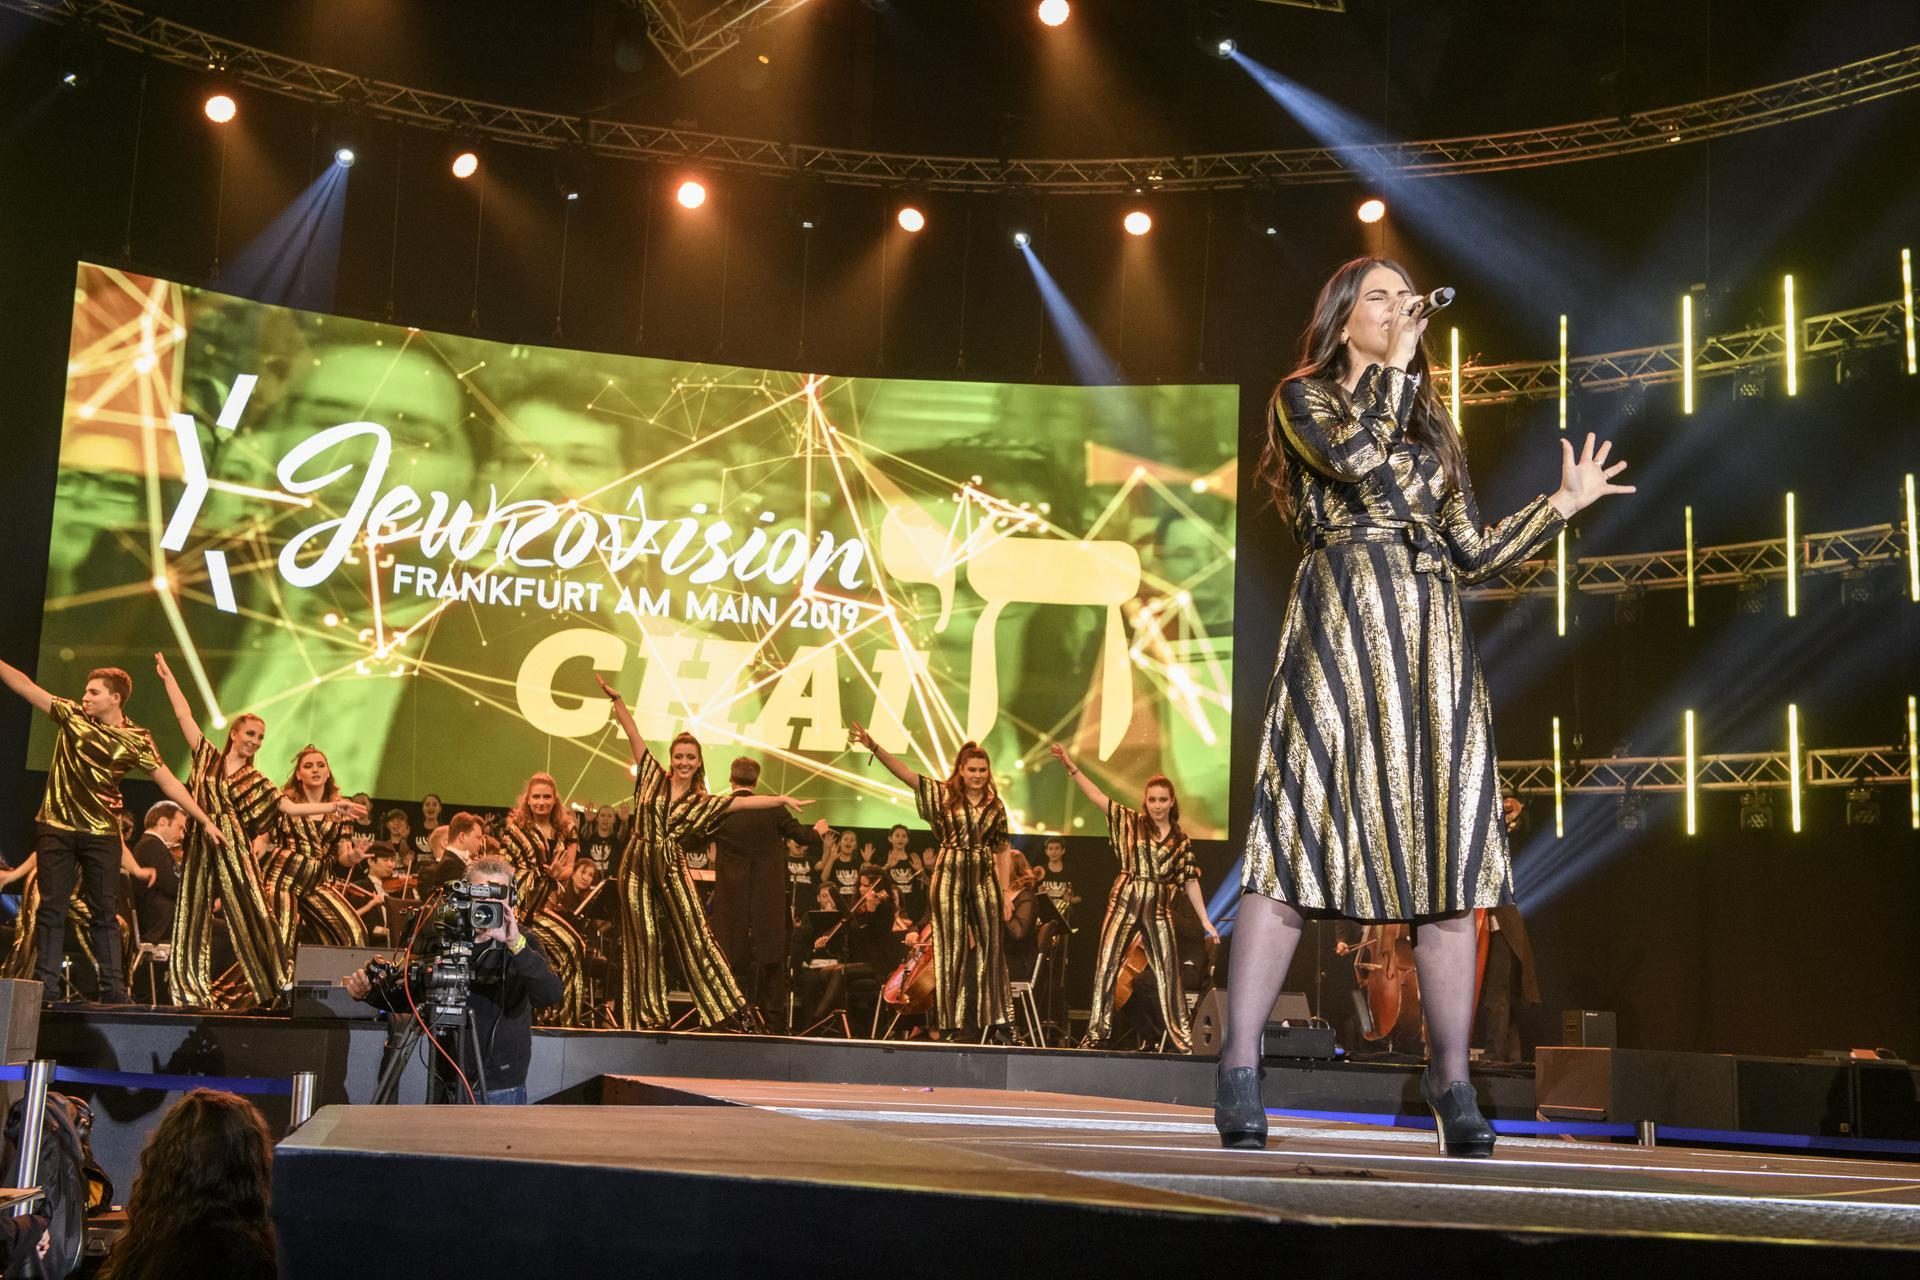 Eröffnungsakt, Jewrovision Song Contest 2019 in der Festhalle Frankfurt am Main am 2.2.2019